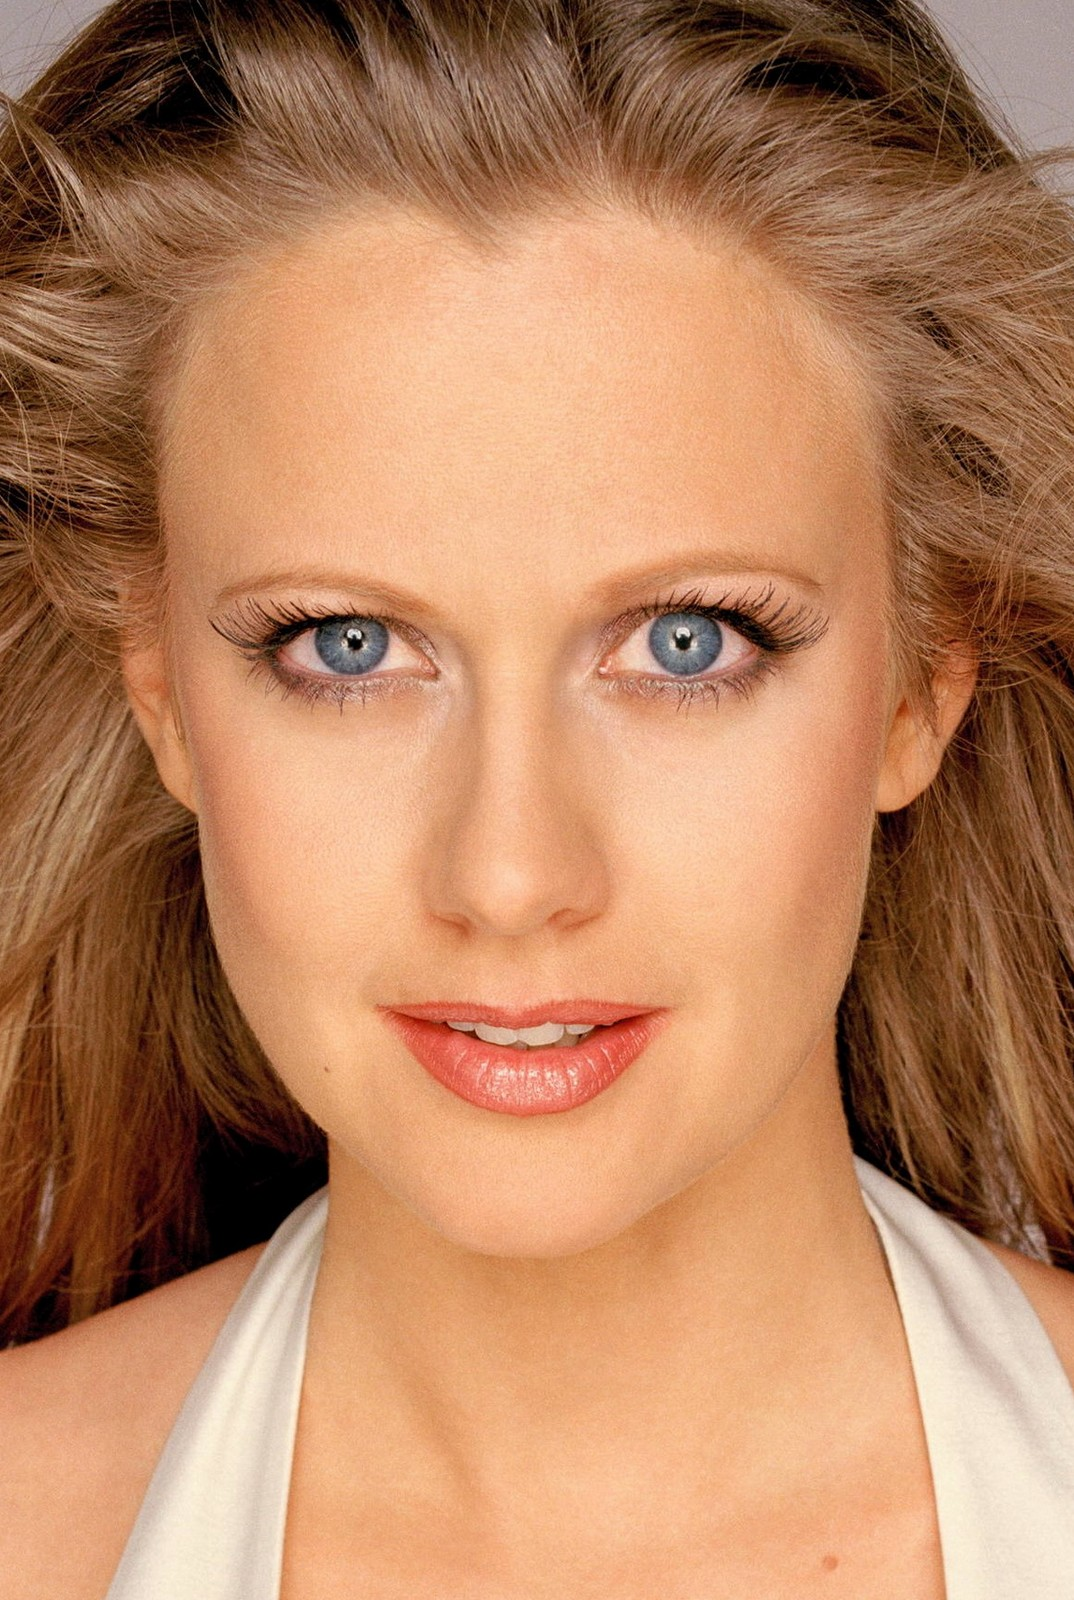 Gitta Blond Nude Photos 47